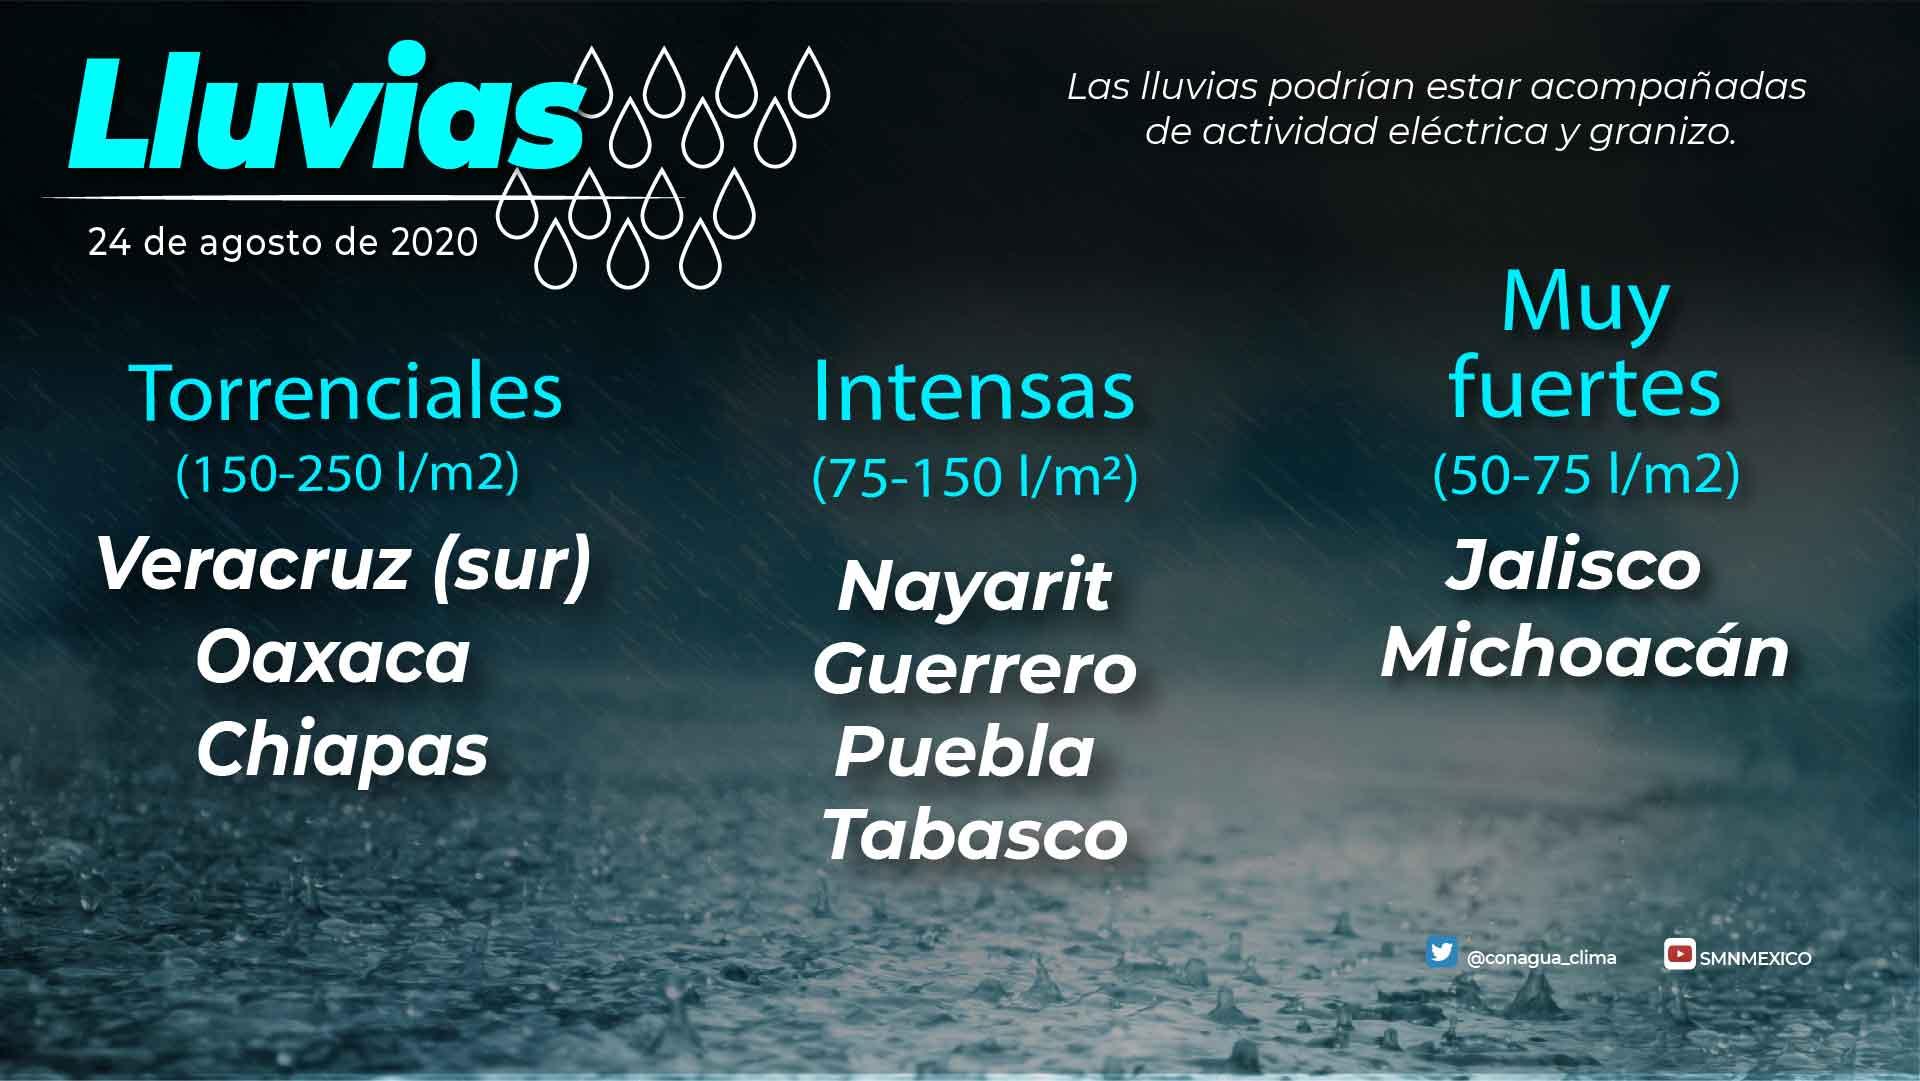 Se pronostican lluvias torrenciales con descargas eléctricas y fuertes vientos para Chiapas, Oaxaca y el sur de Veracruz